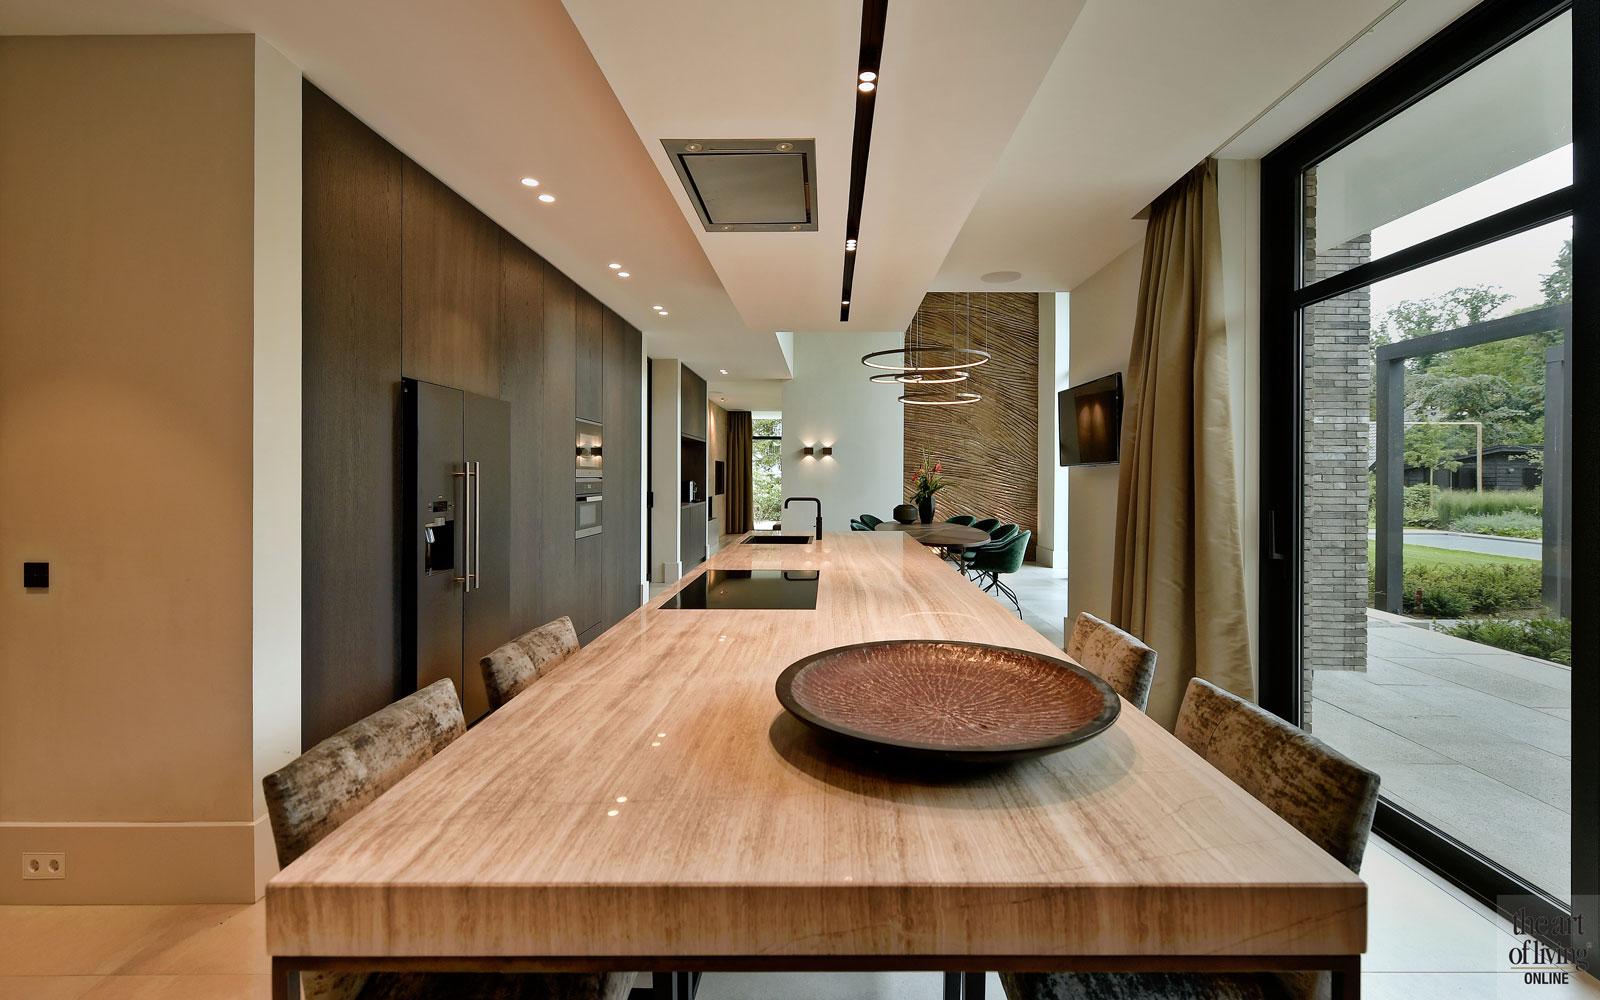 Droomhuis, Marco van Veldhuizen, Keuken, werkblad keuken, strakke keuken, maatwerk keuken, keuken design, Verlichting